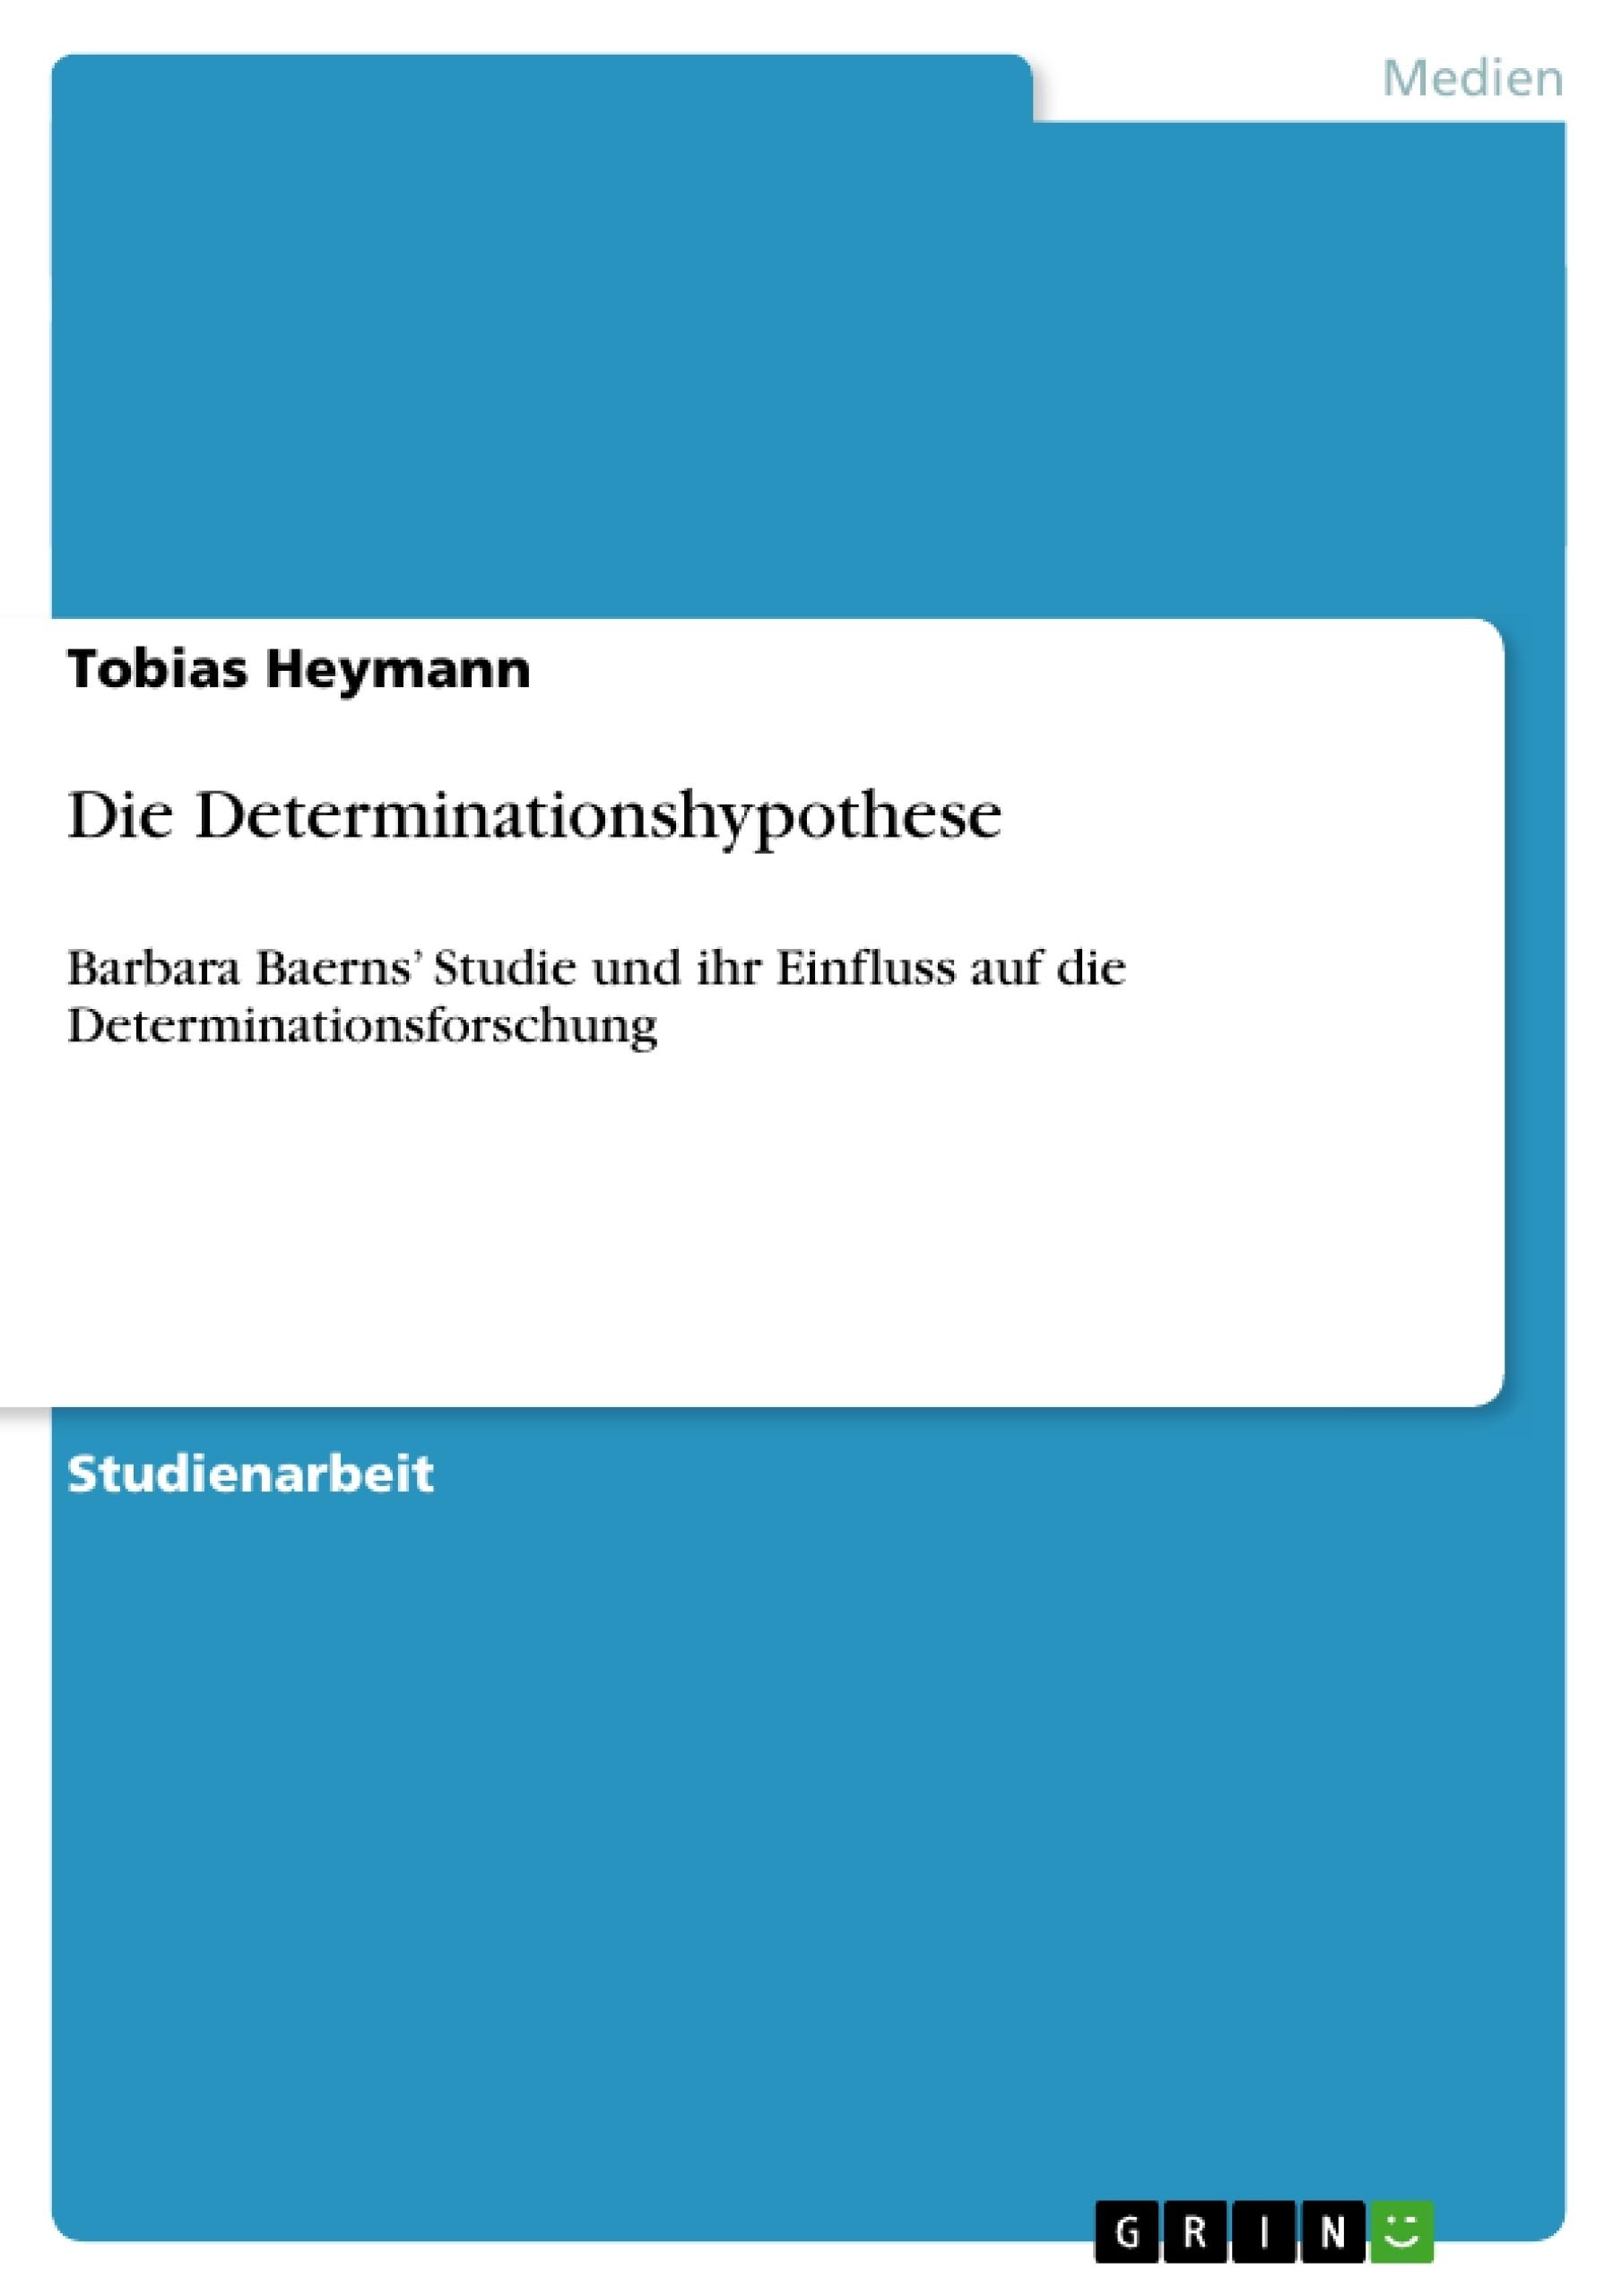 Titel: Die Determinationshypothese